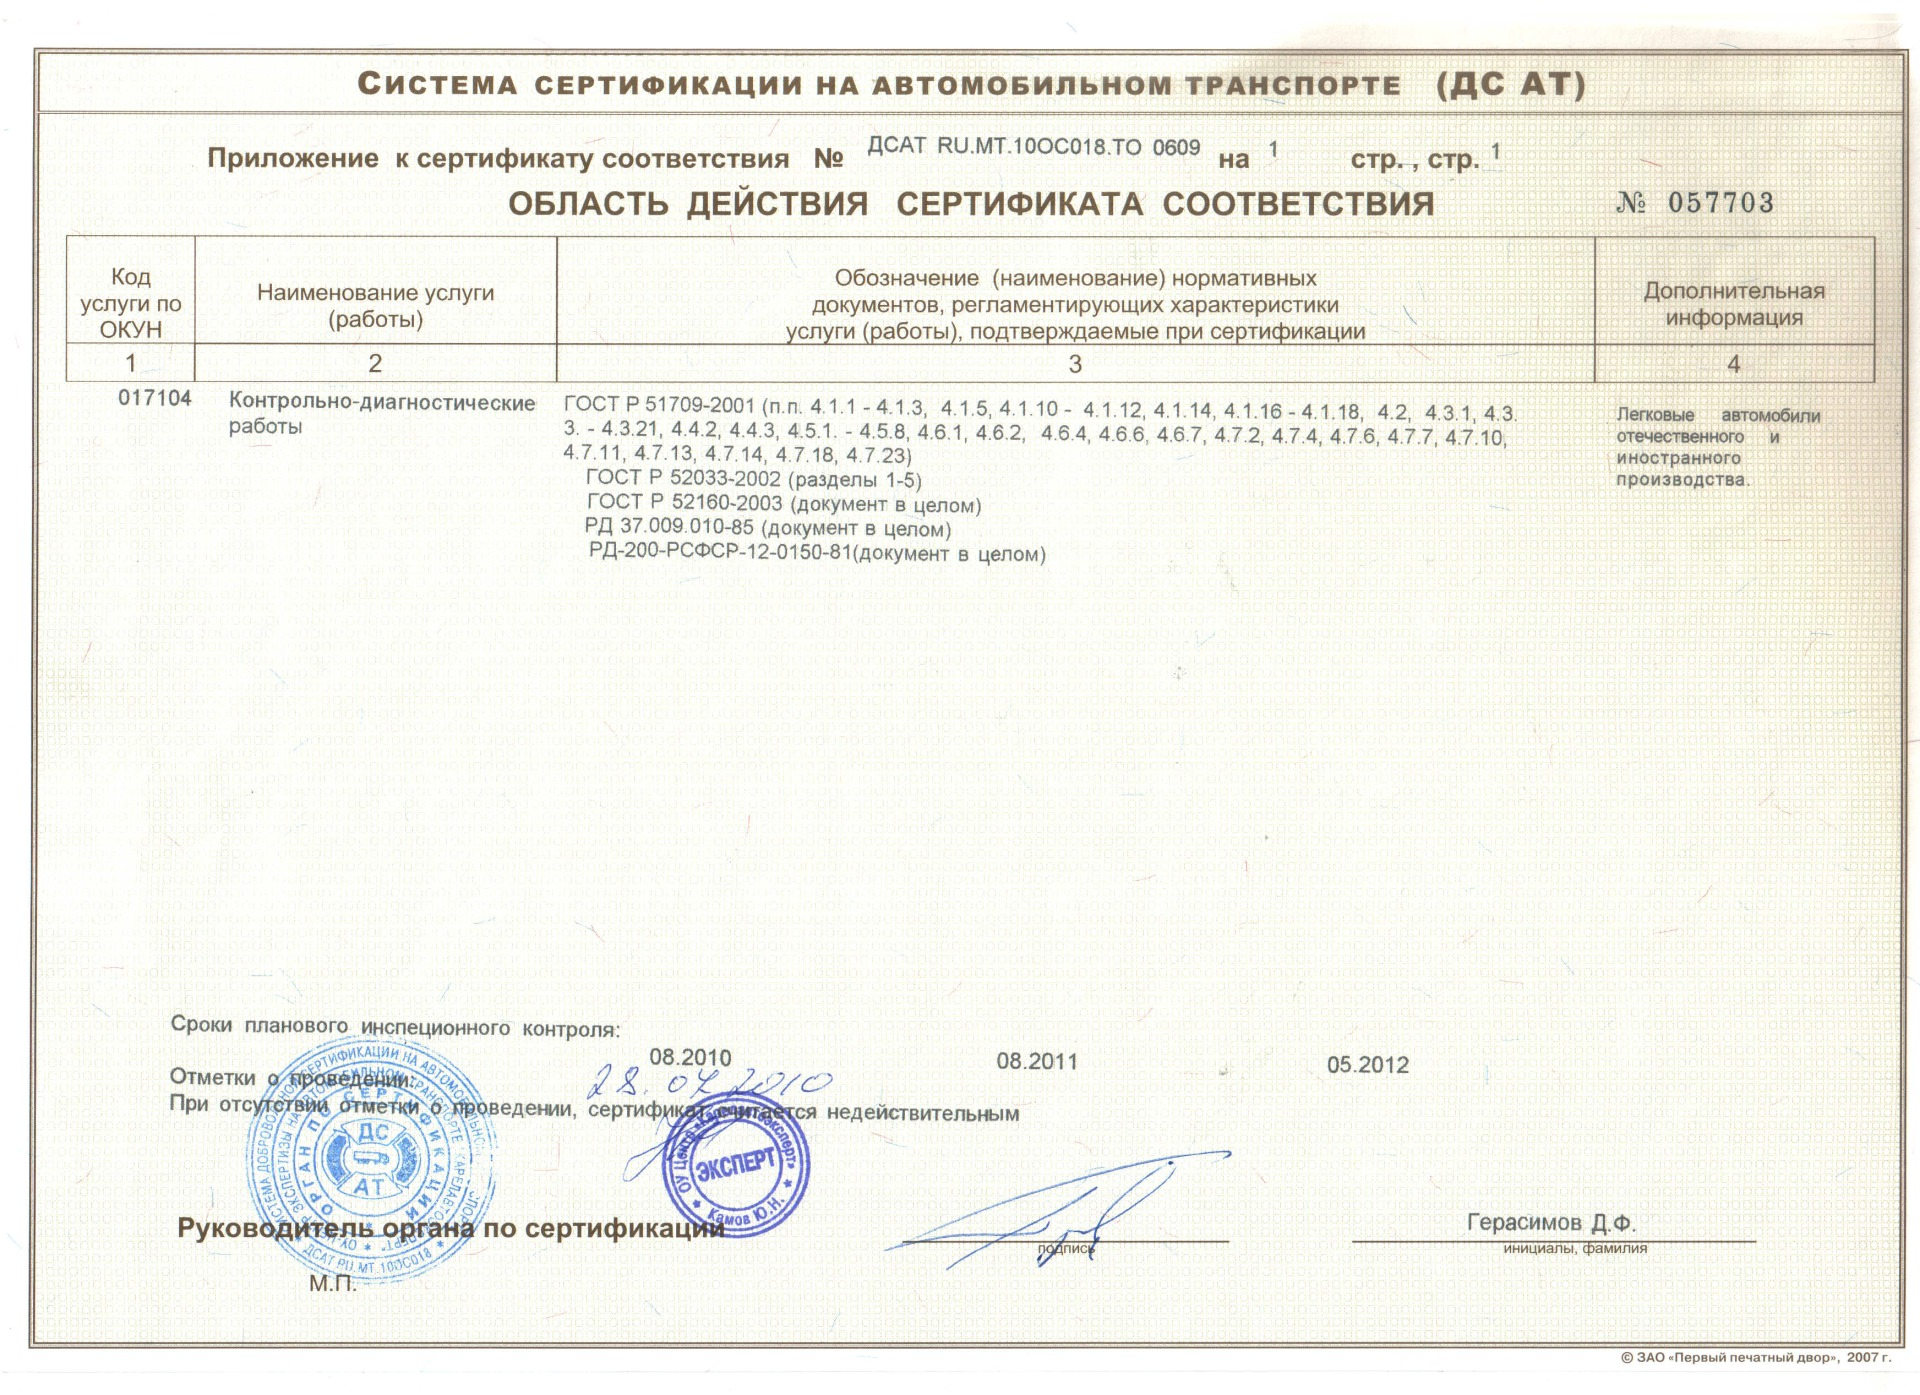 Компьютерная диагностика двигателя Лекс Мотром Петрозаводск сертификат